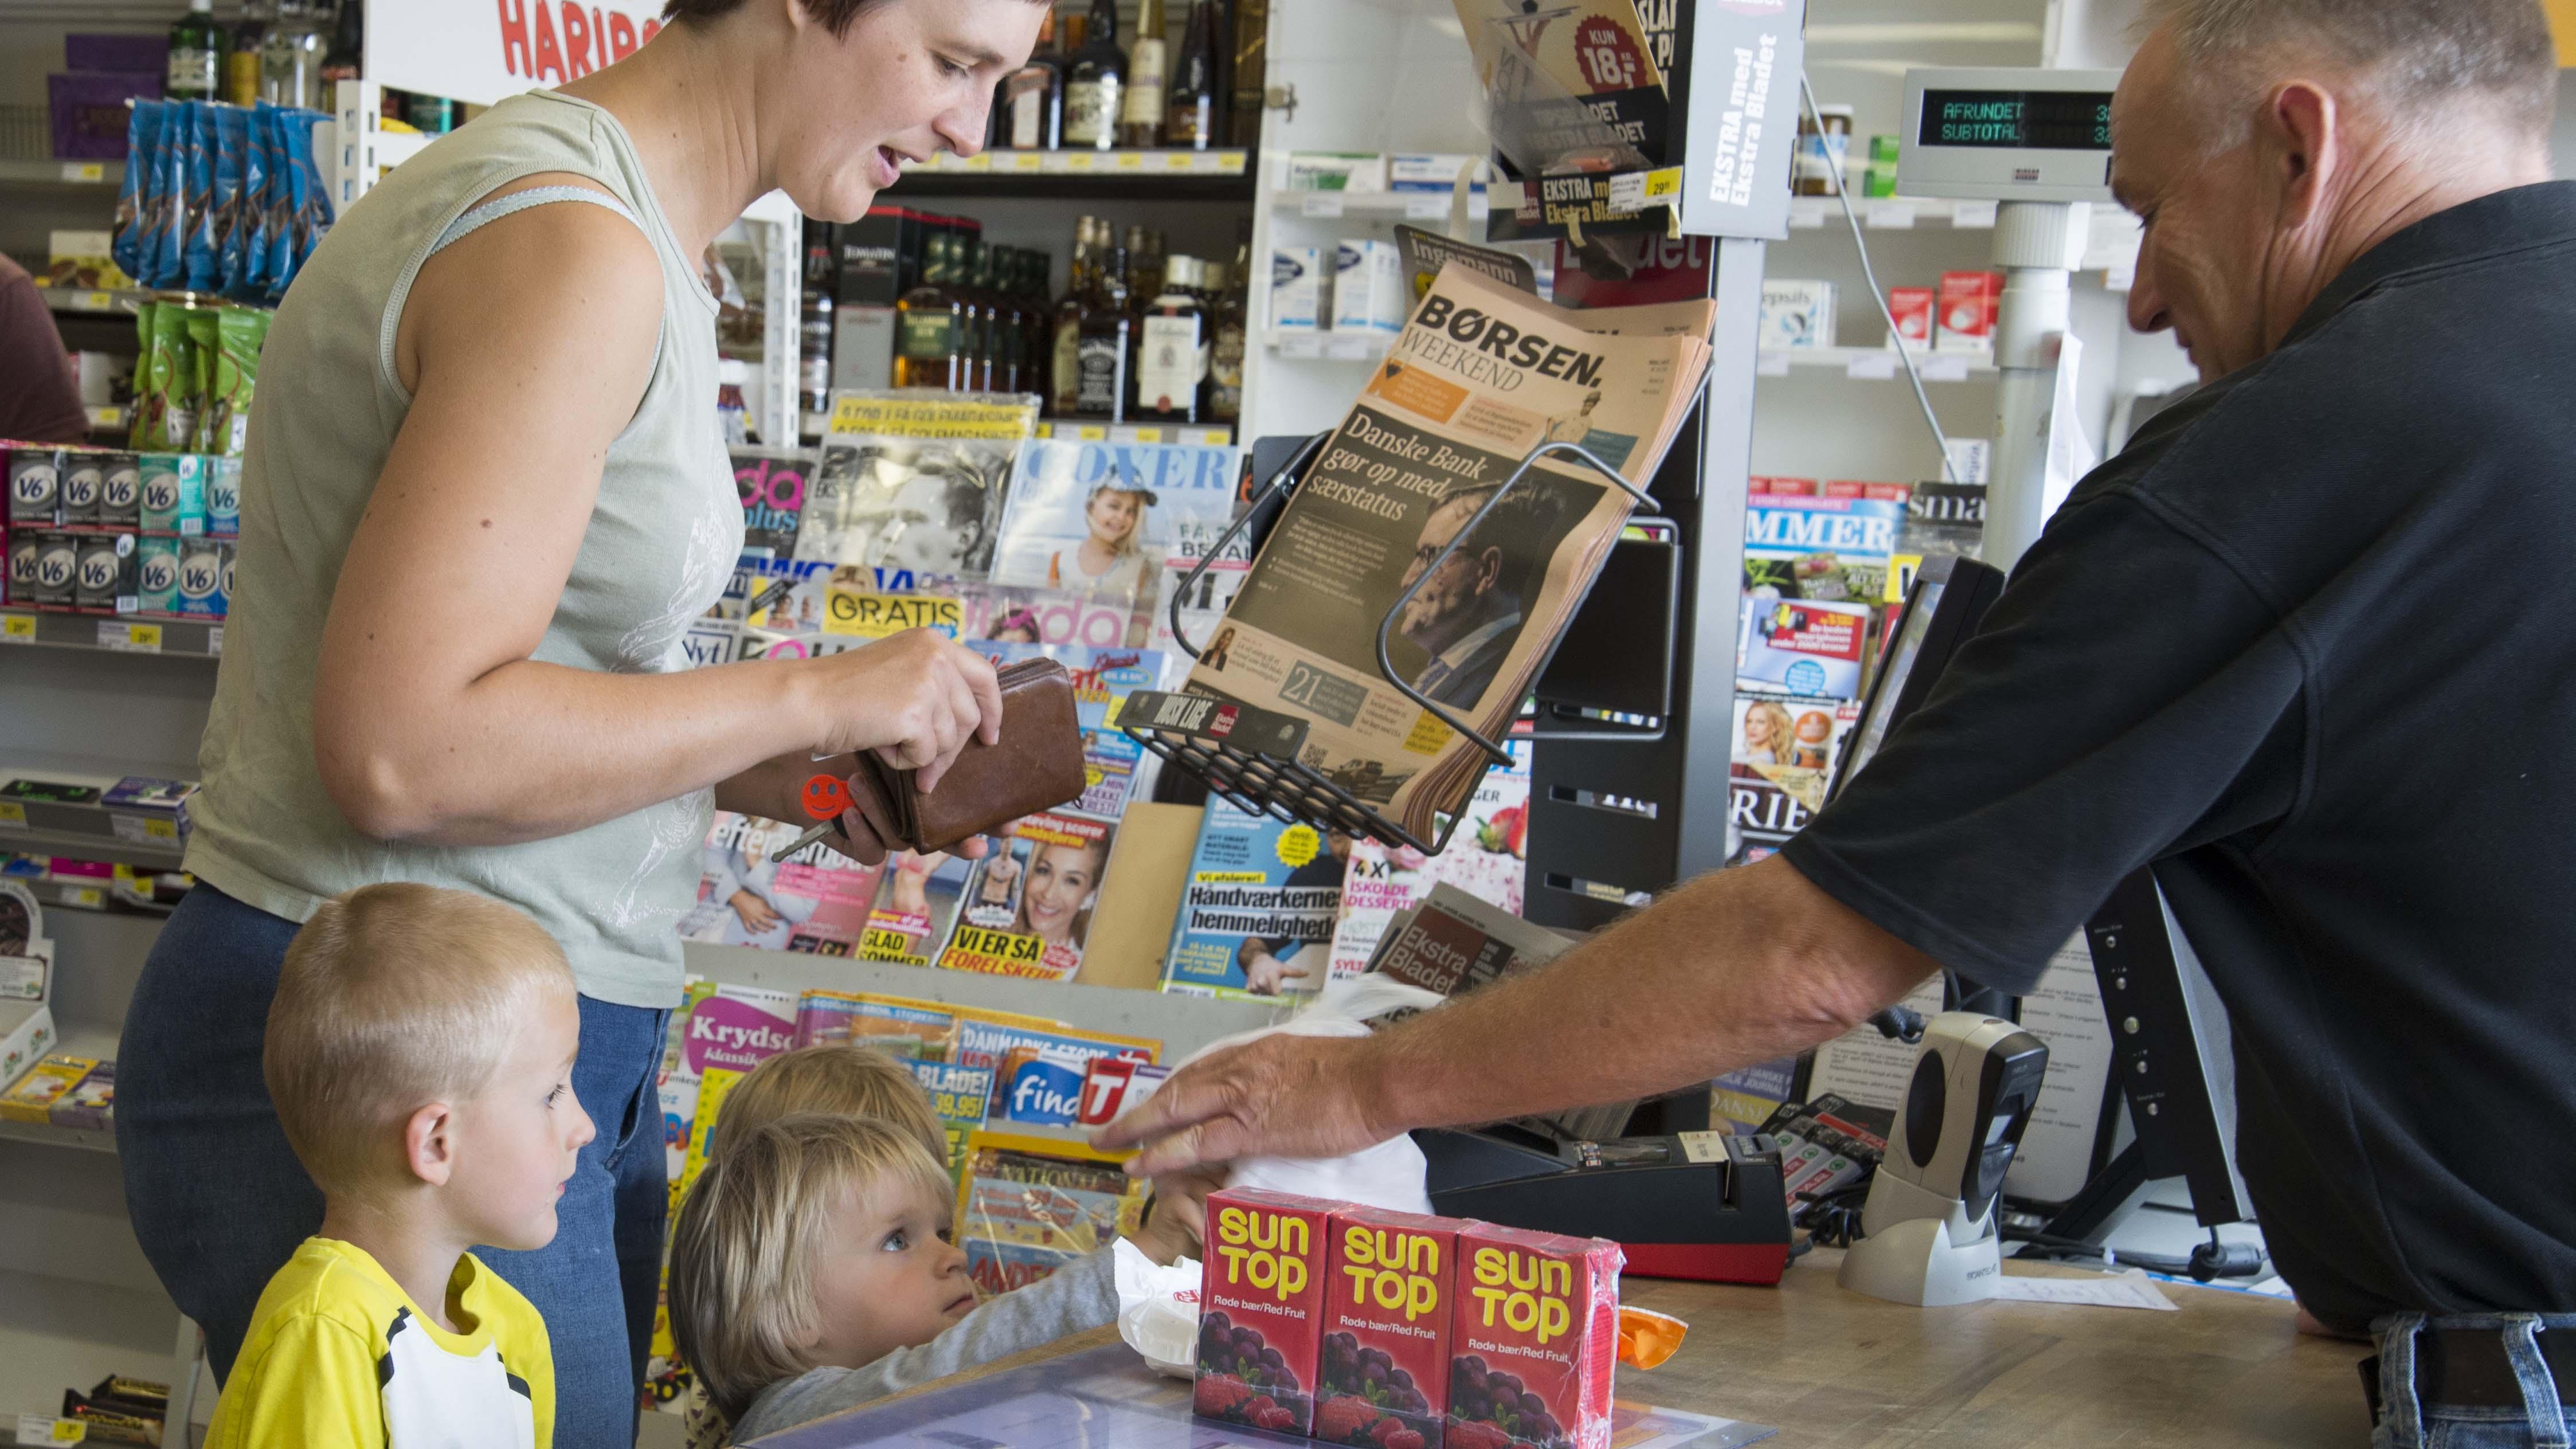 6ca511d18cf3 ... lokale butikker skal byde på unikke indkøbsoplevelser. Arkivfoto   Helle-Karin Helstrand